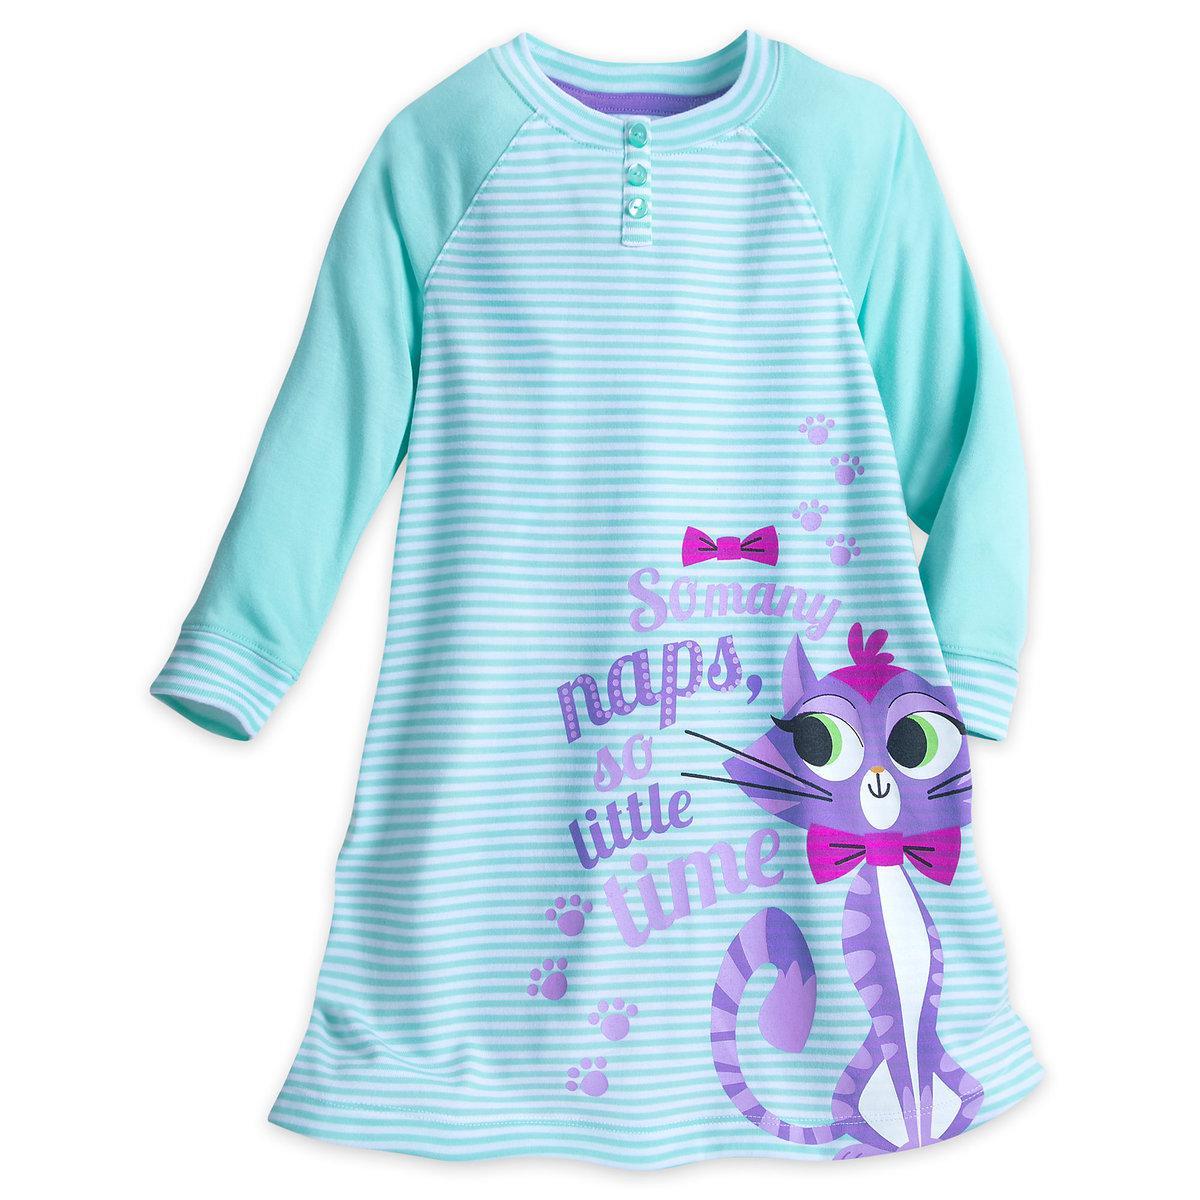 f336d7d7fac Ночная рубашка для девочки Disney - Интернет-магазин Чудо Мир в Одессе